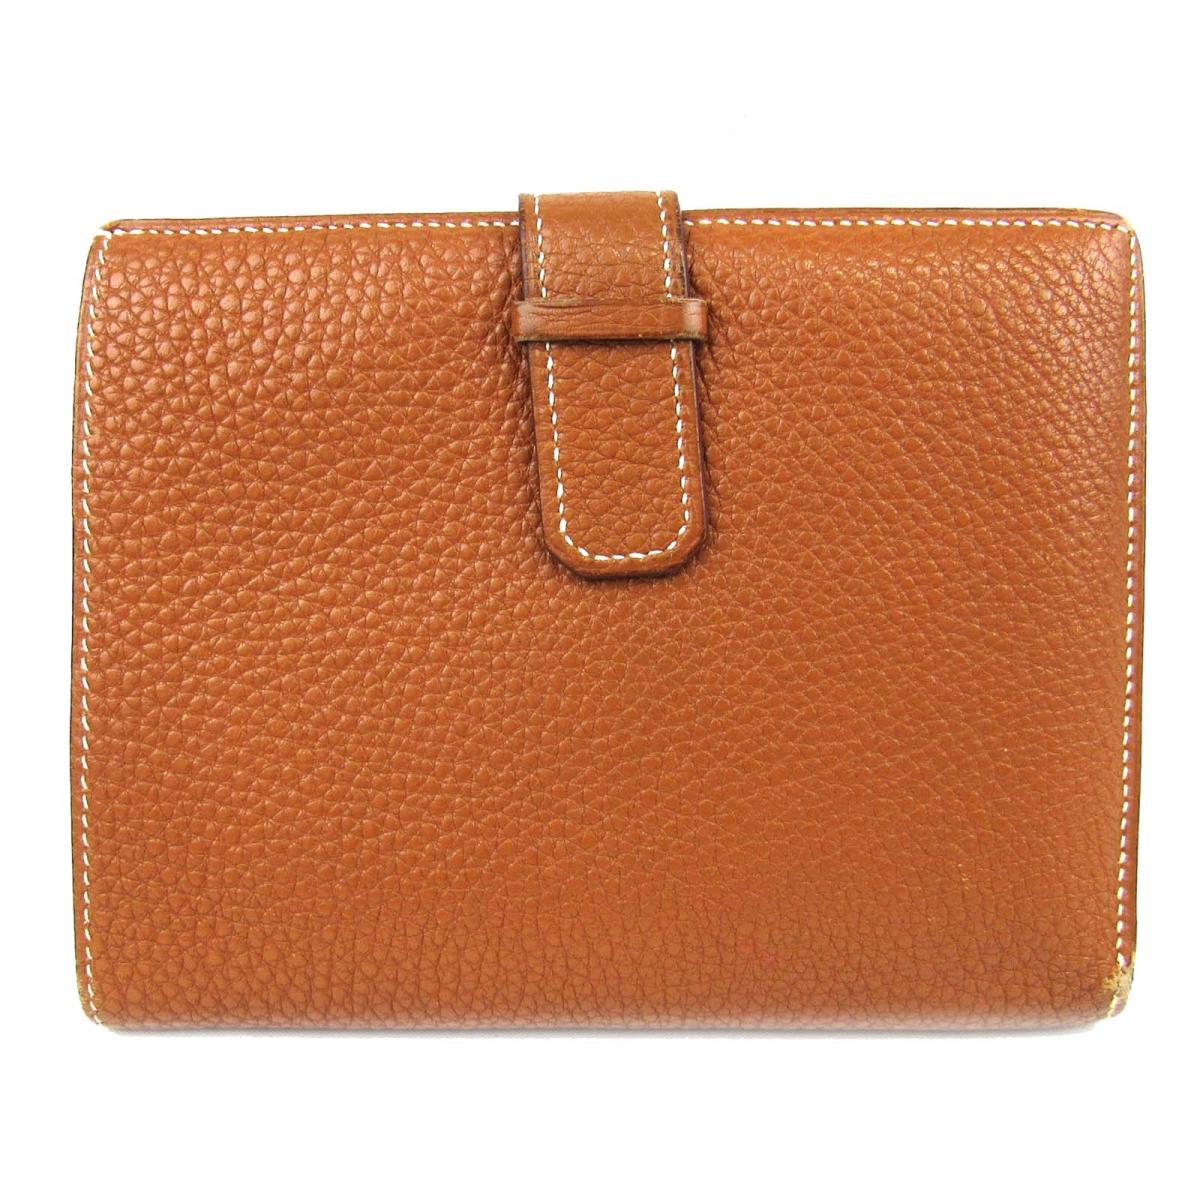 【おすすめ!】ジュラ 二つ折財布/メンズ/レディース 財布